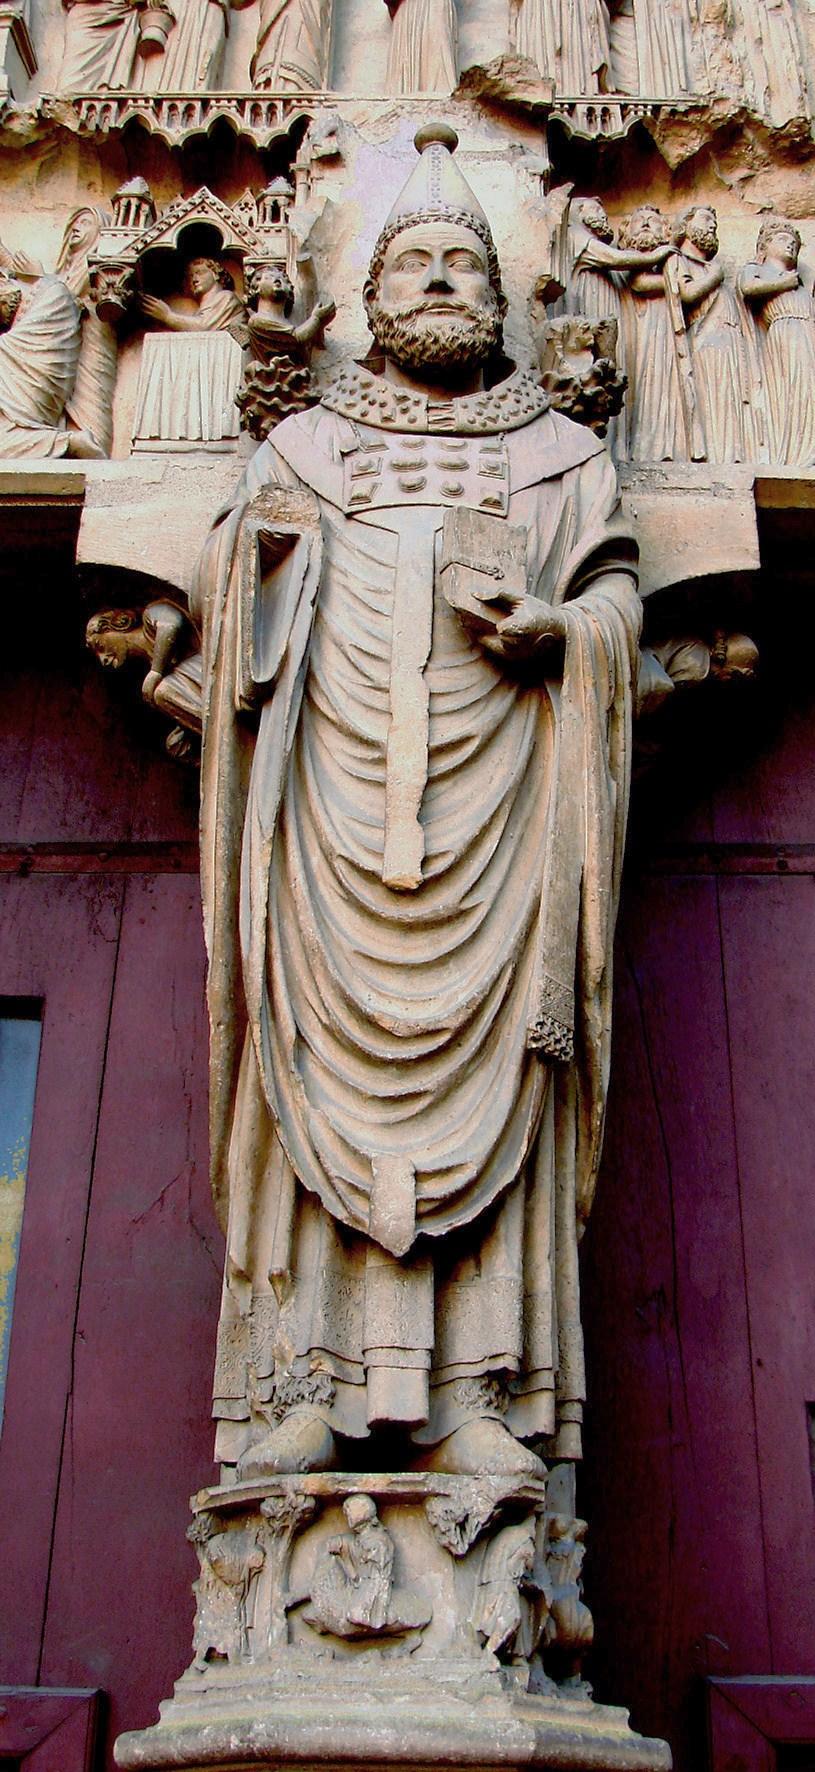 Statue an der Kathedrale von Reims, um 1225